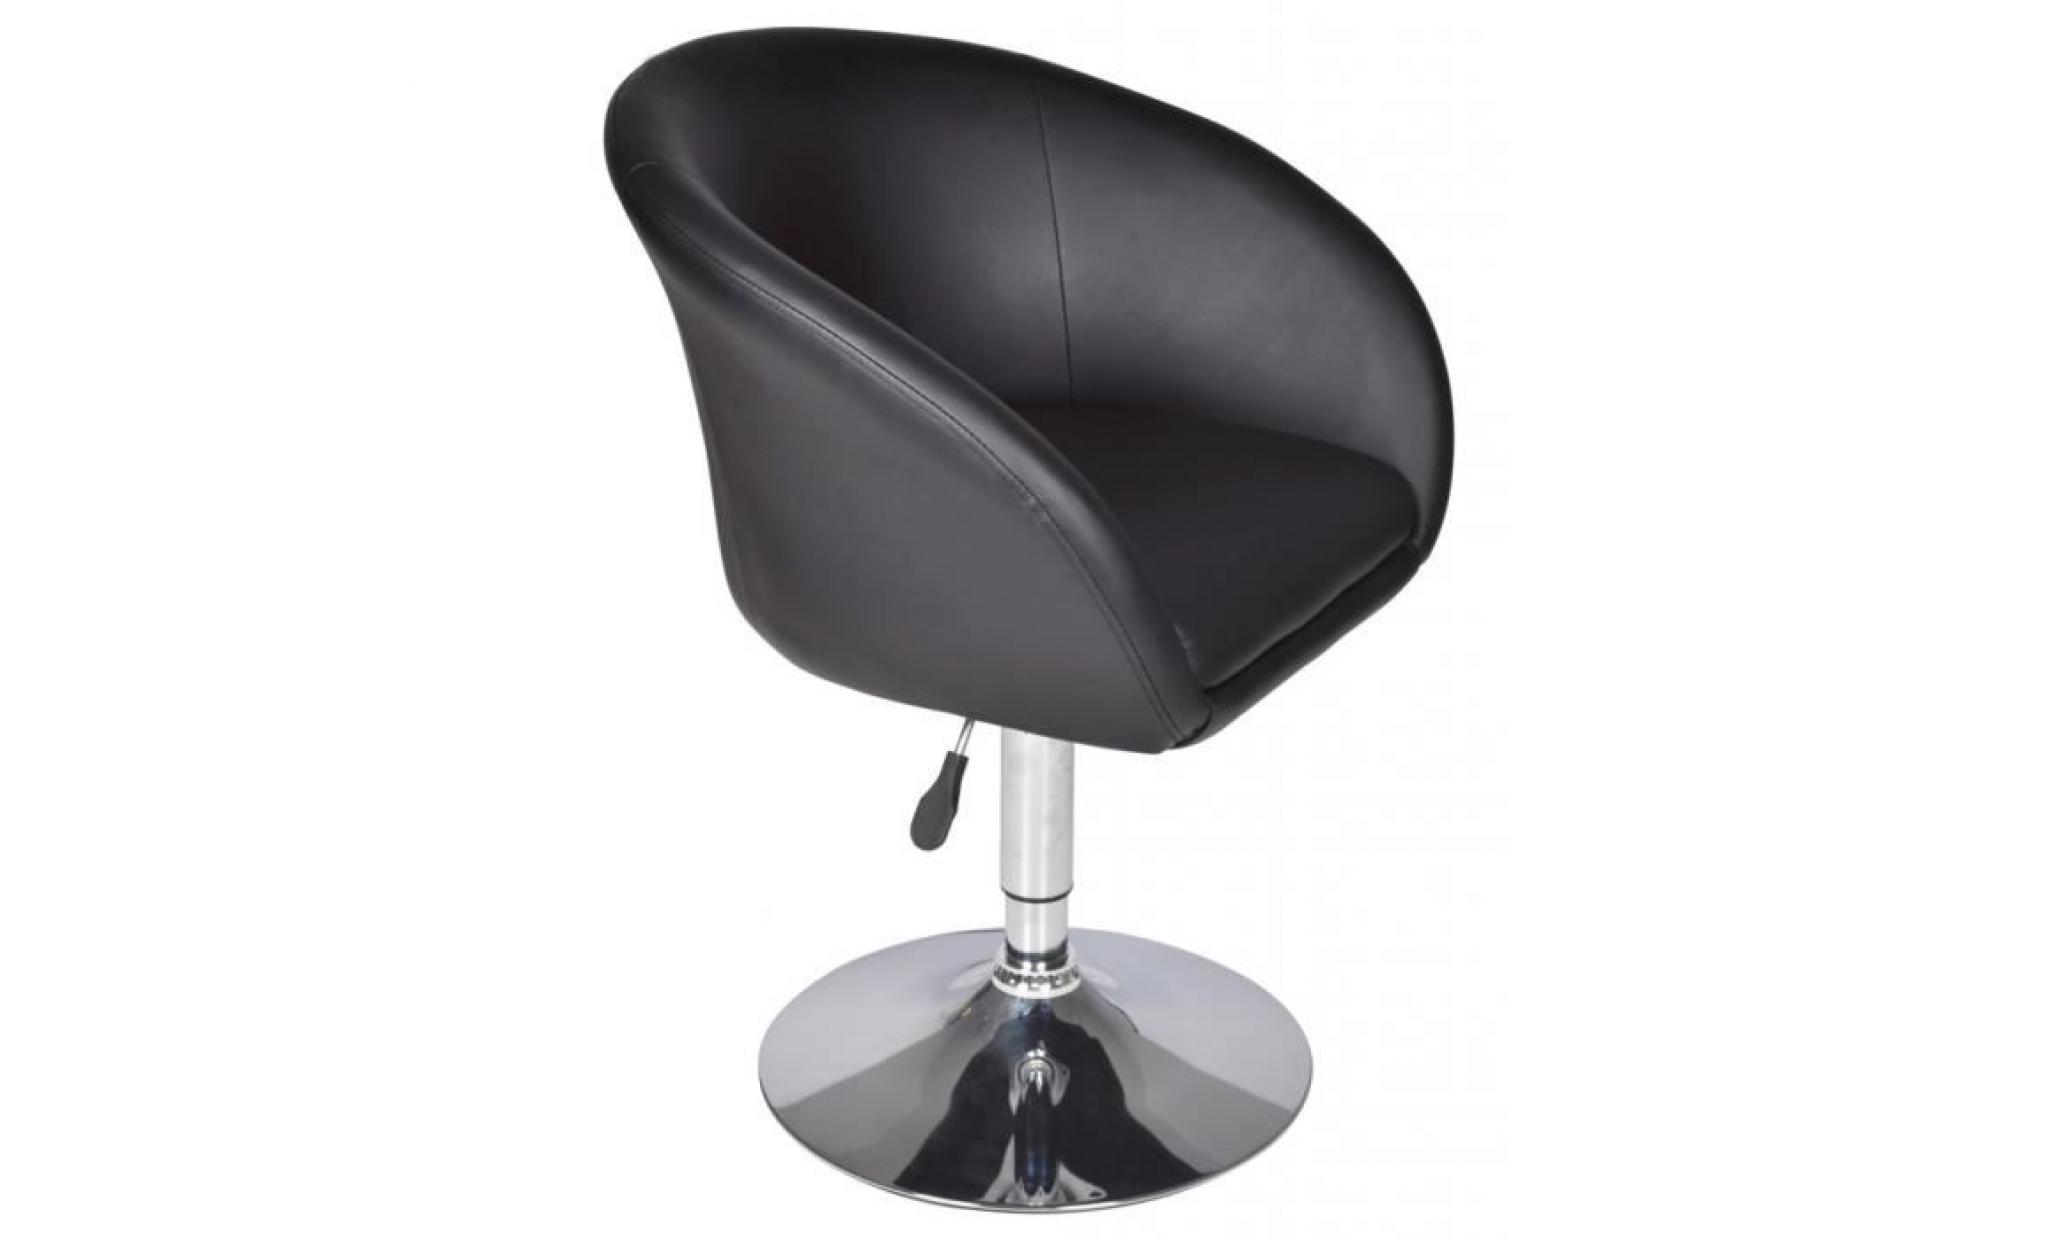 fauteuil pivotant rond odyssey achat vente fauteuil pas cher couleur et. Black Bedroom Furniture Sets. Home Design Ideas